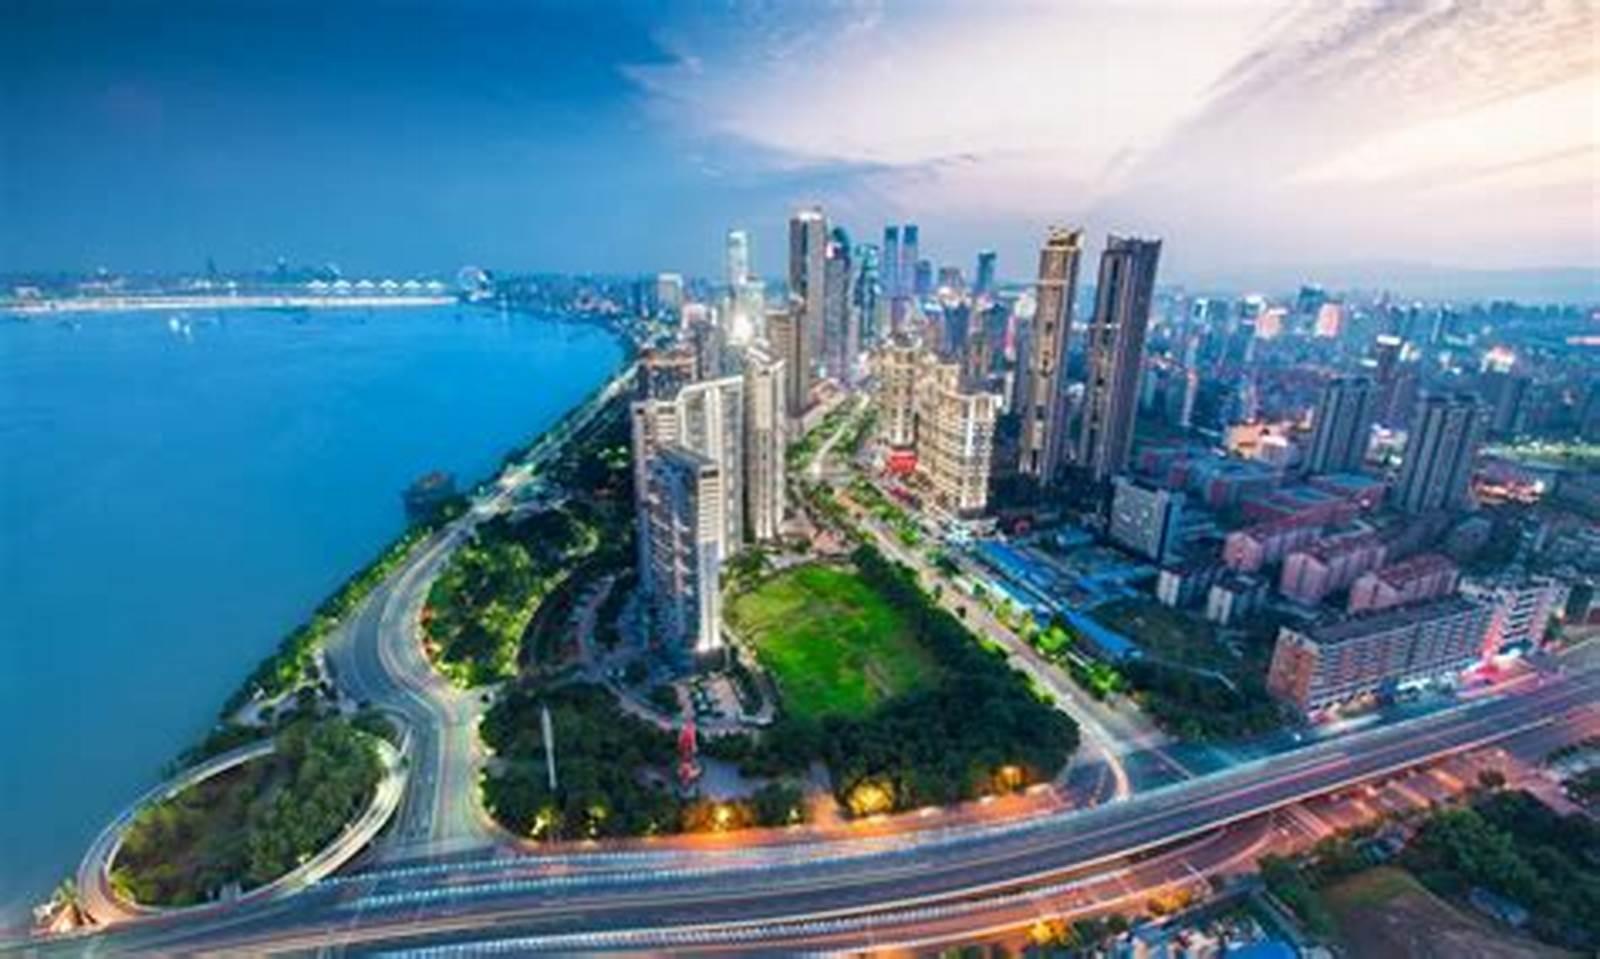 深圳拟出台土地新政,提高产业用地容积